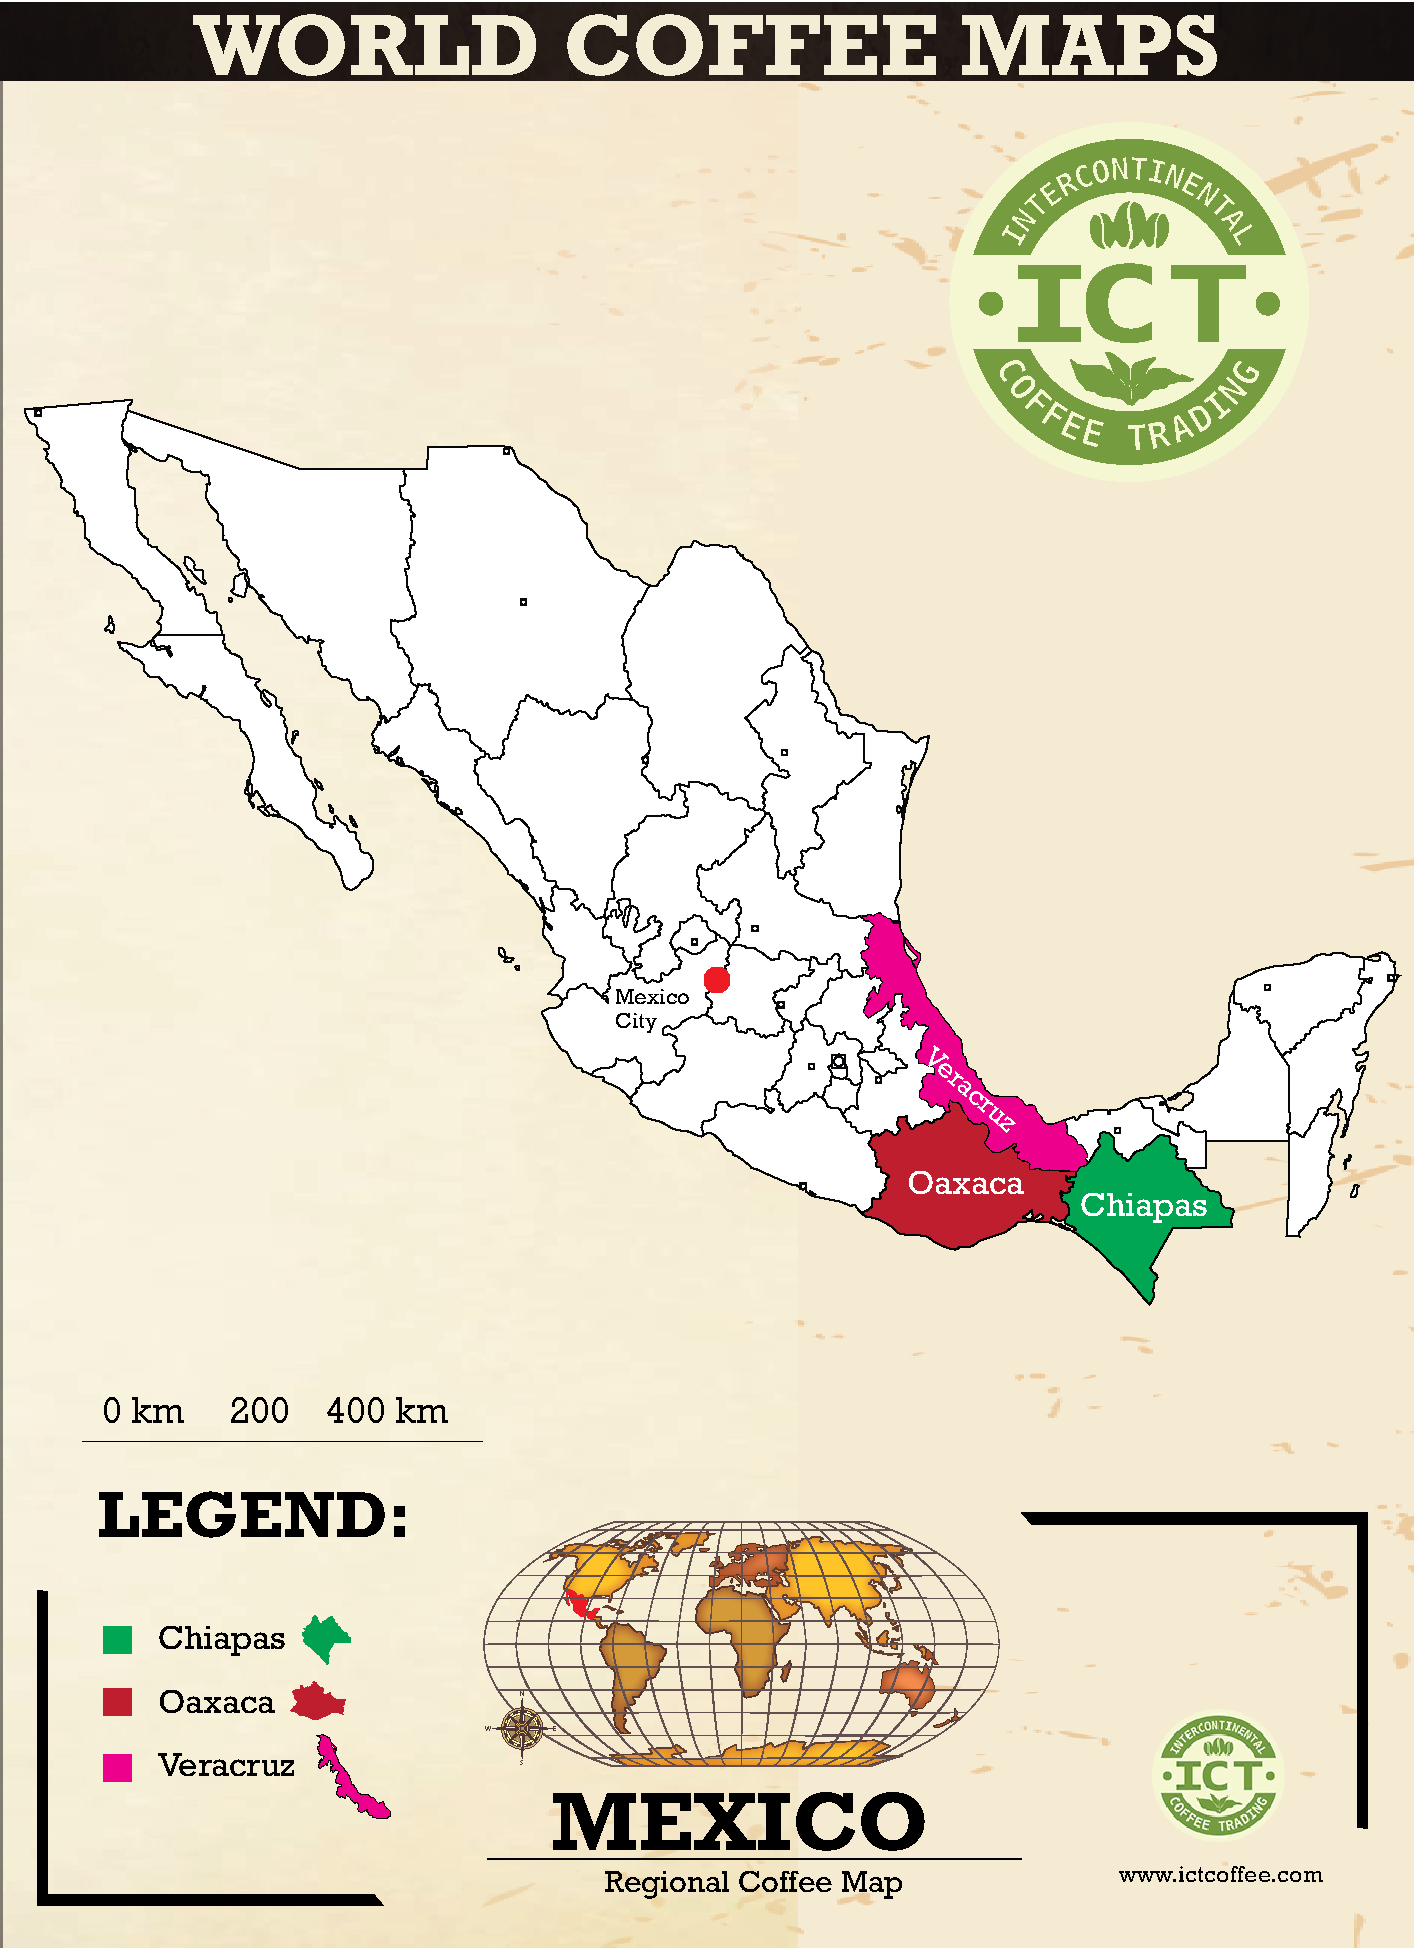 карта регионов производства кофе в Мексике